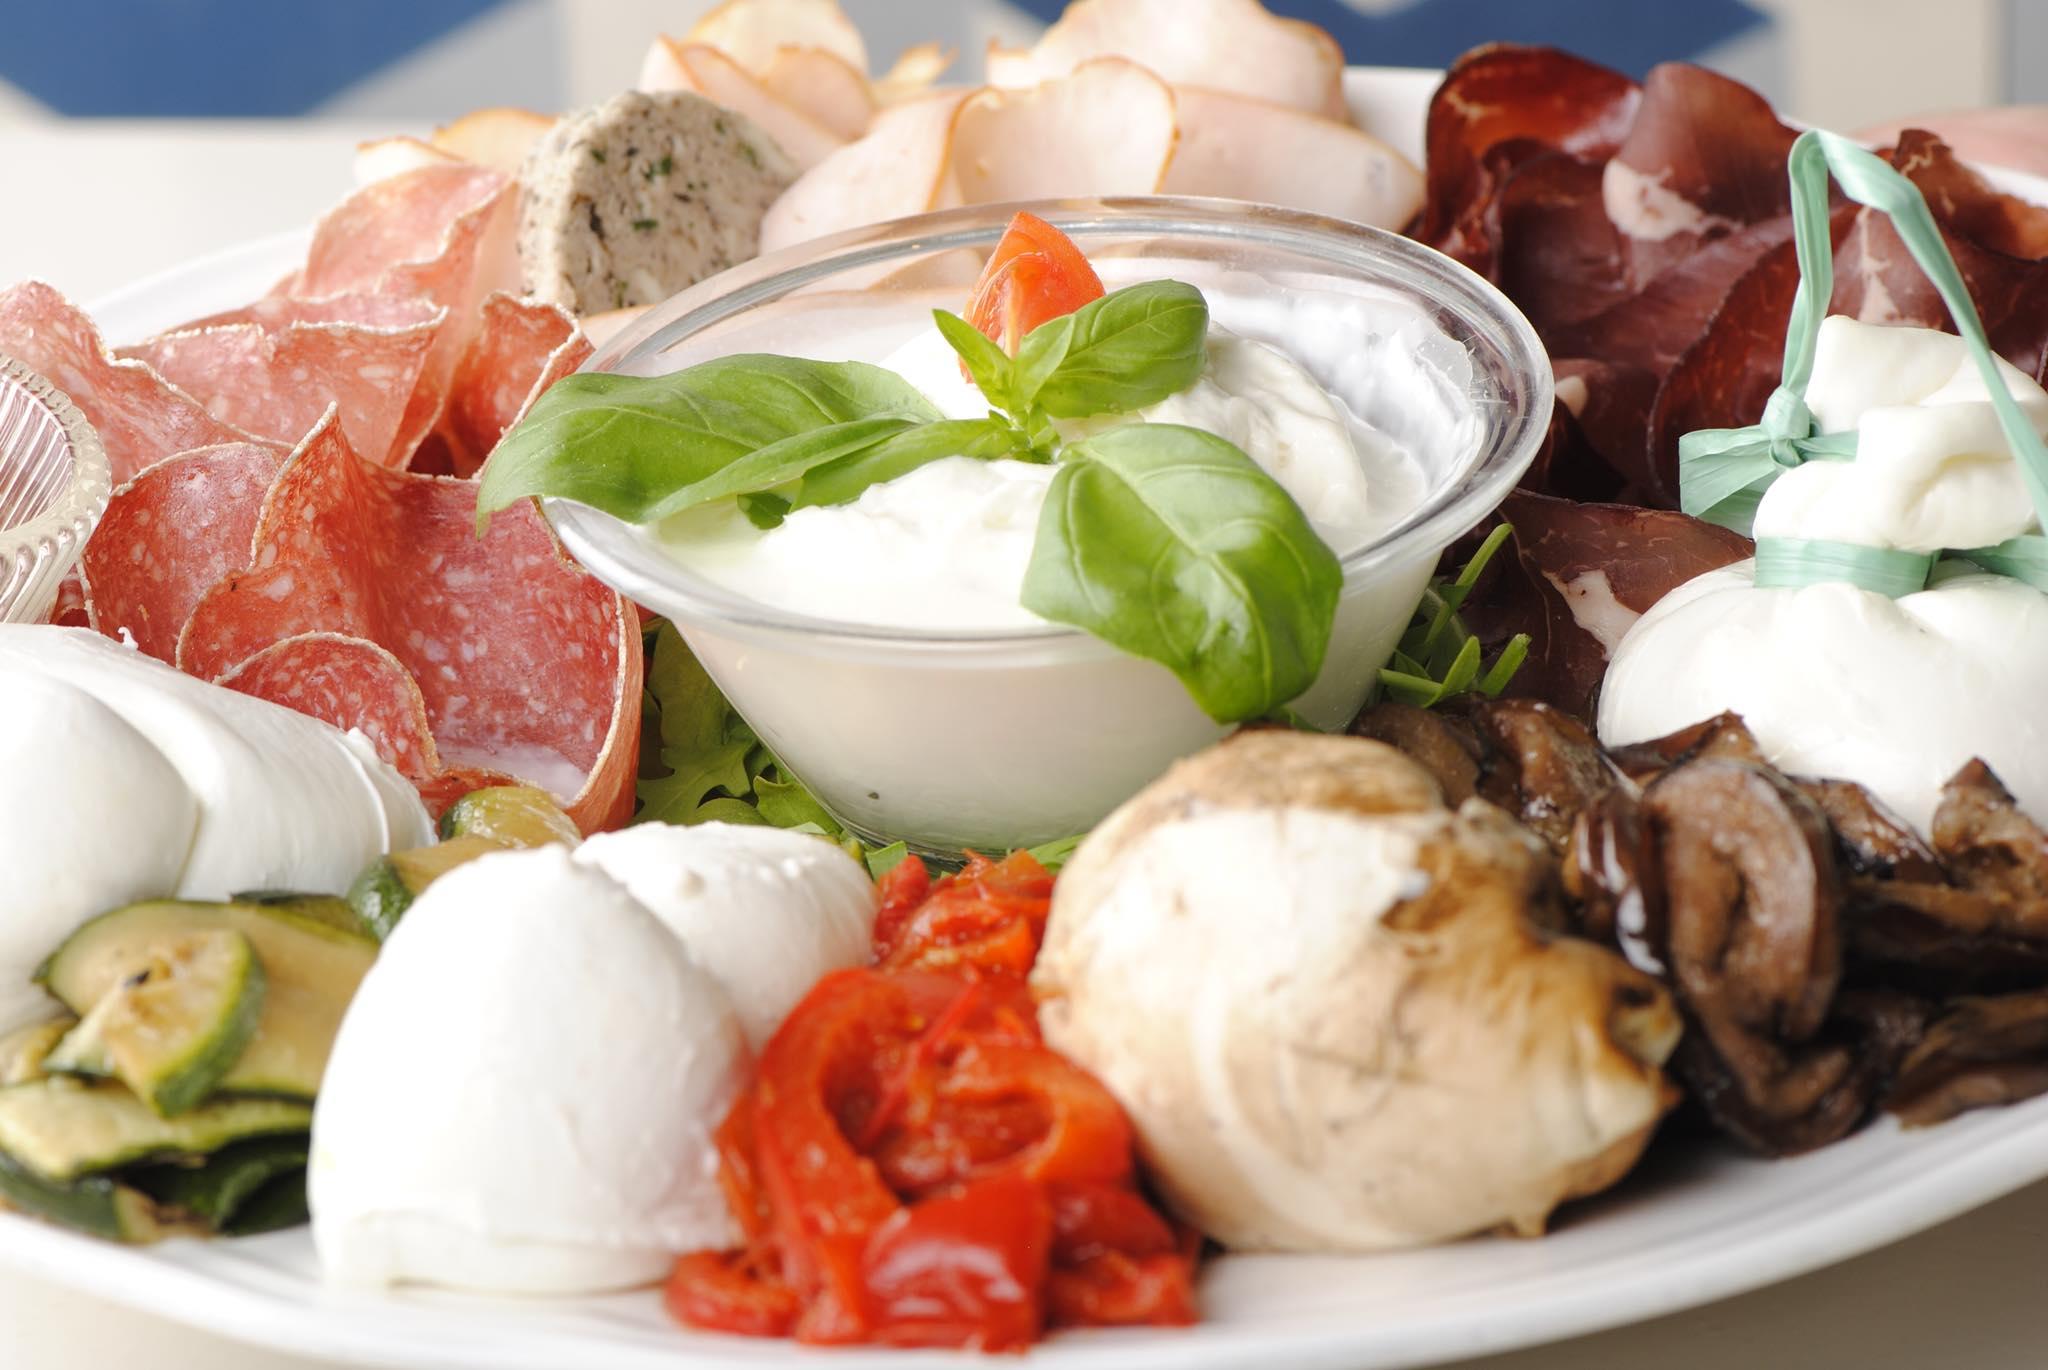 materrazza aperitivo burrata Mozzato